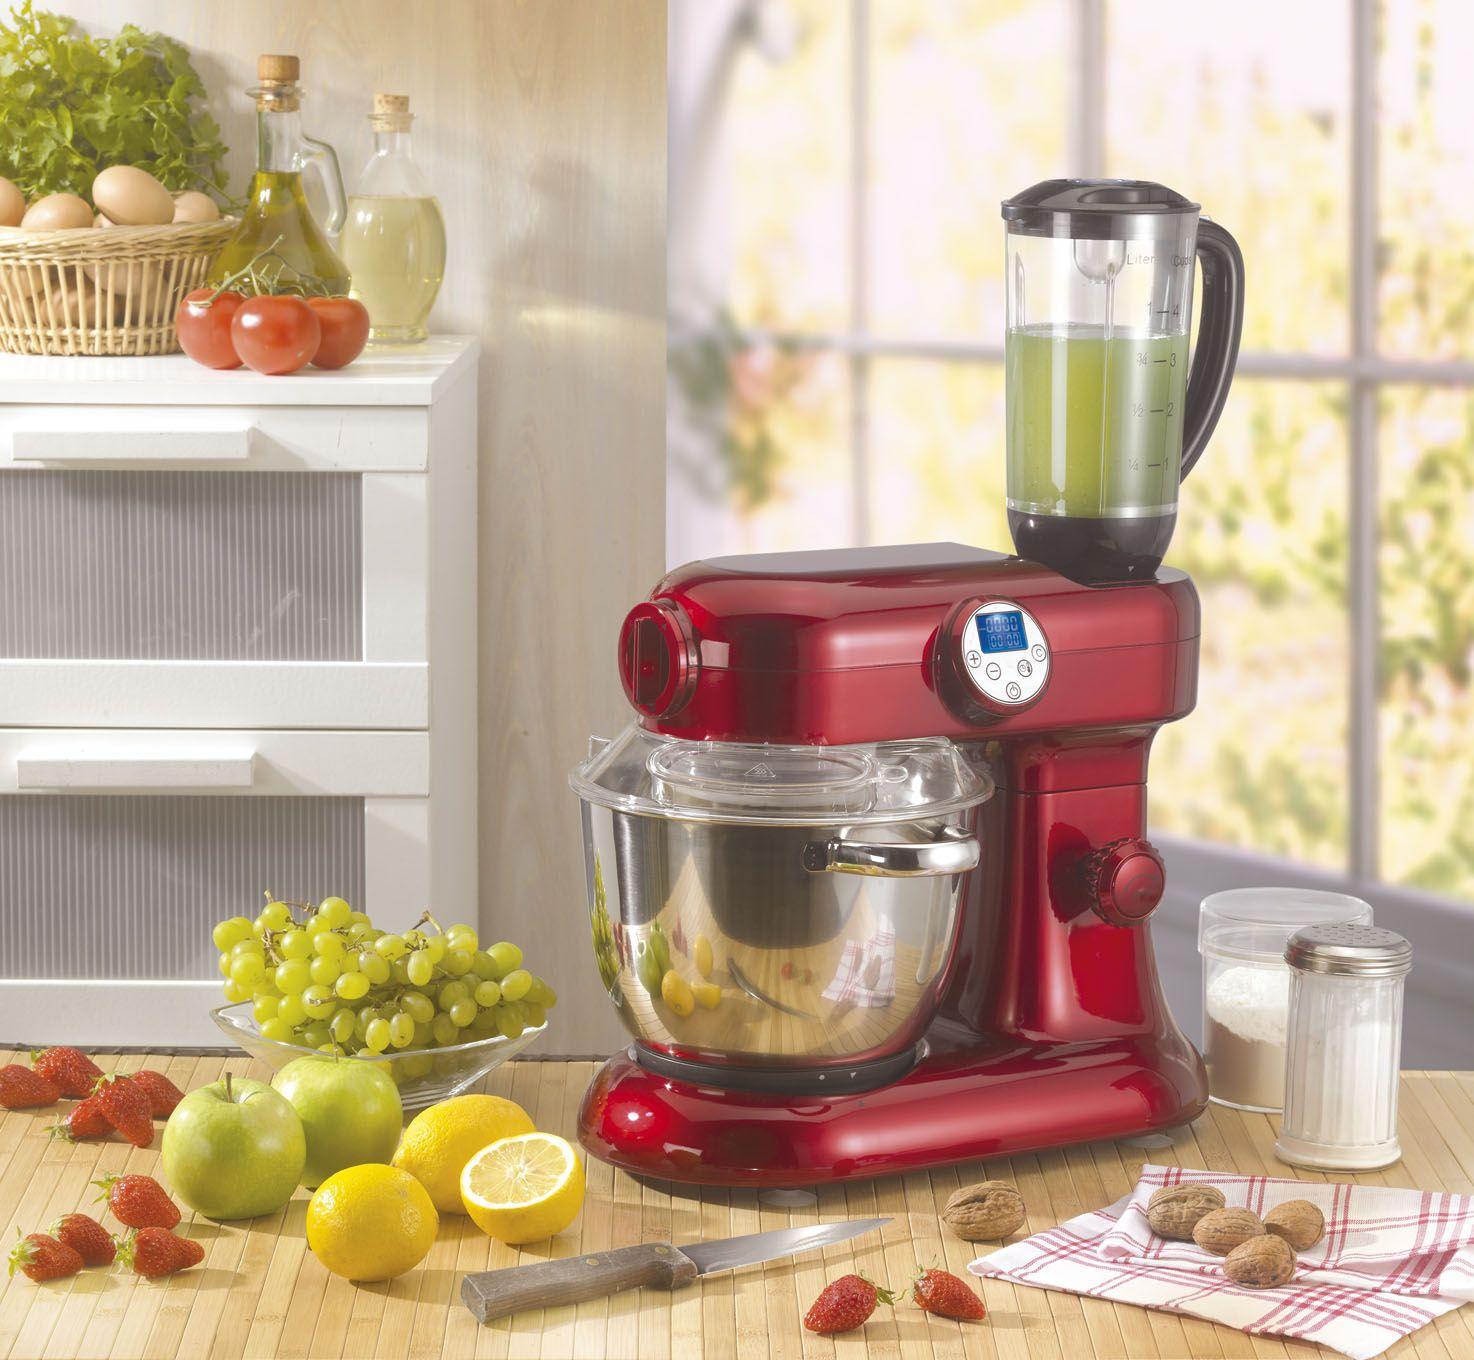 Robot cuiseur modele revolution v2 rouge achat vente for Robot de cuisine multifonction chauffant